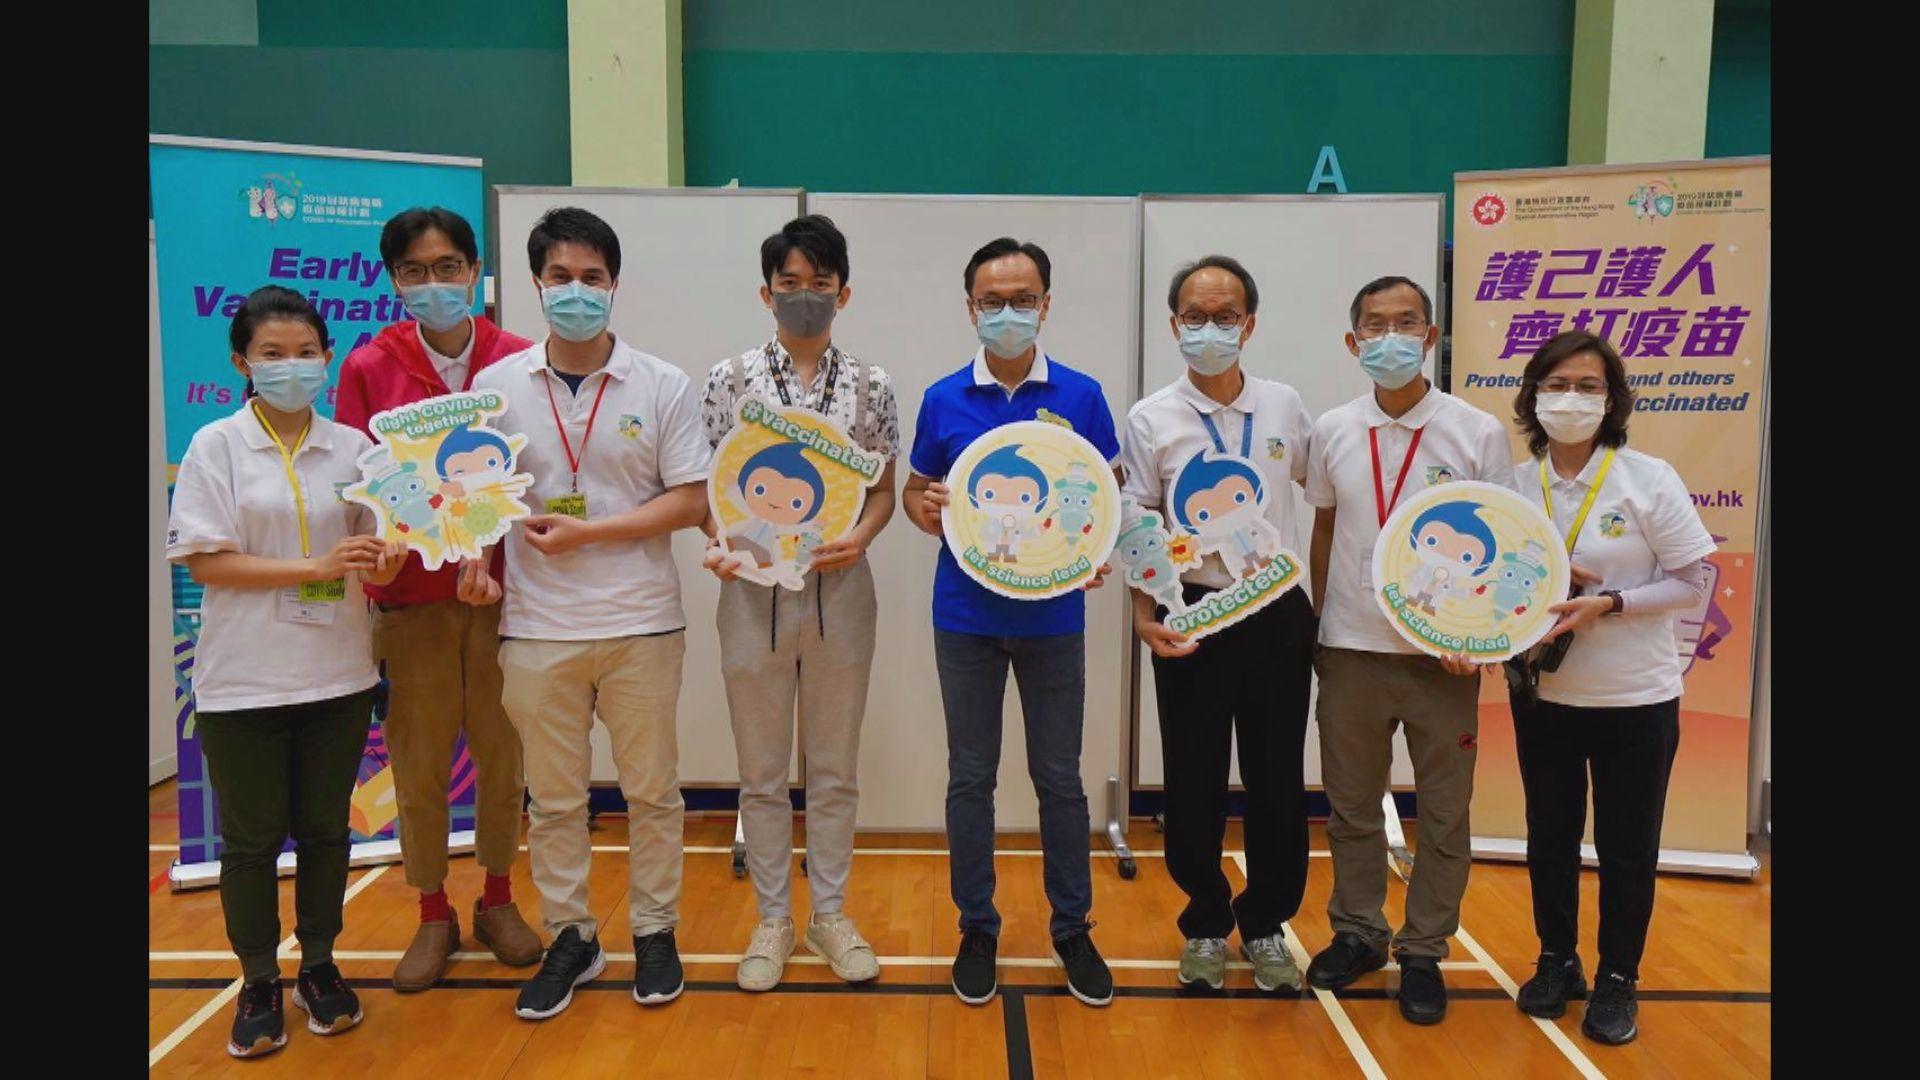 聶德權:港大醫學院將研究12歲以下兒童接種科興